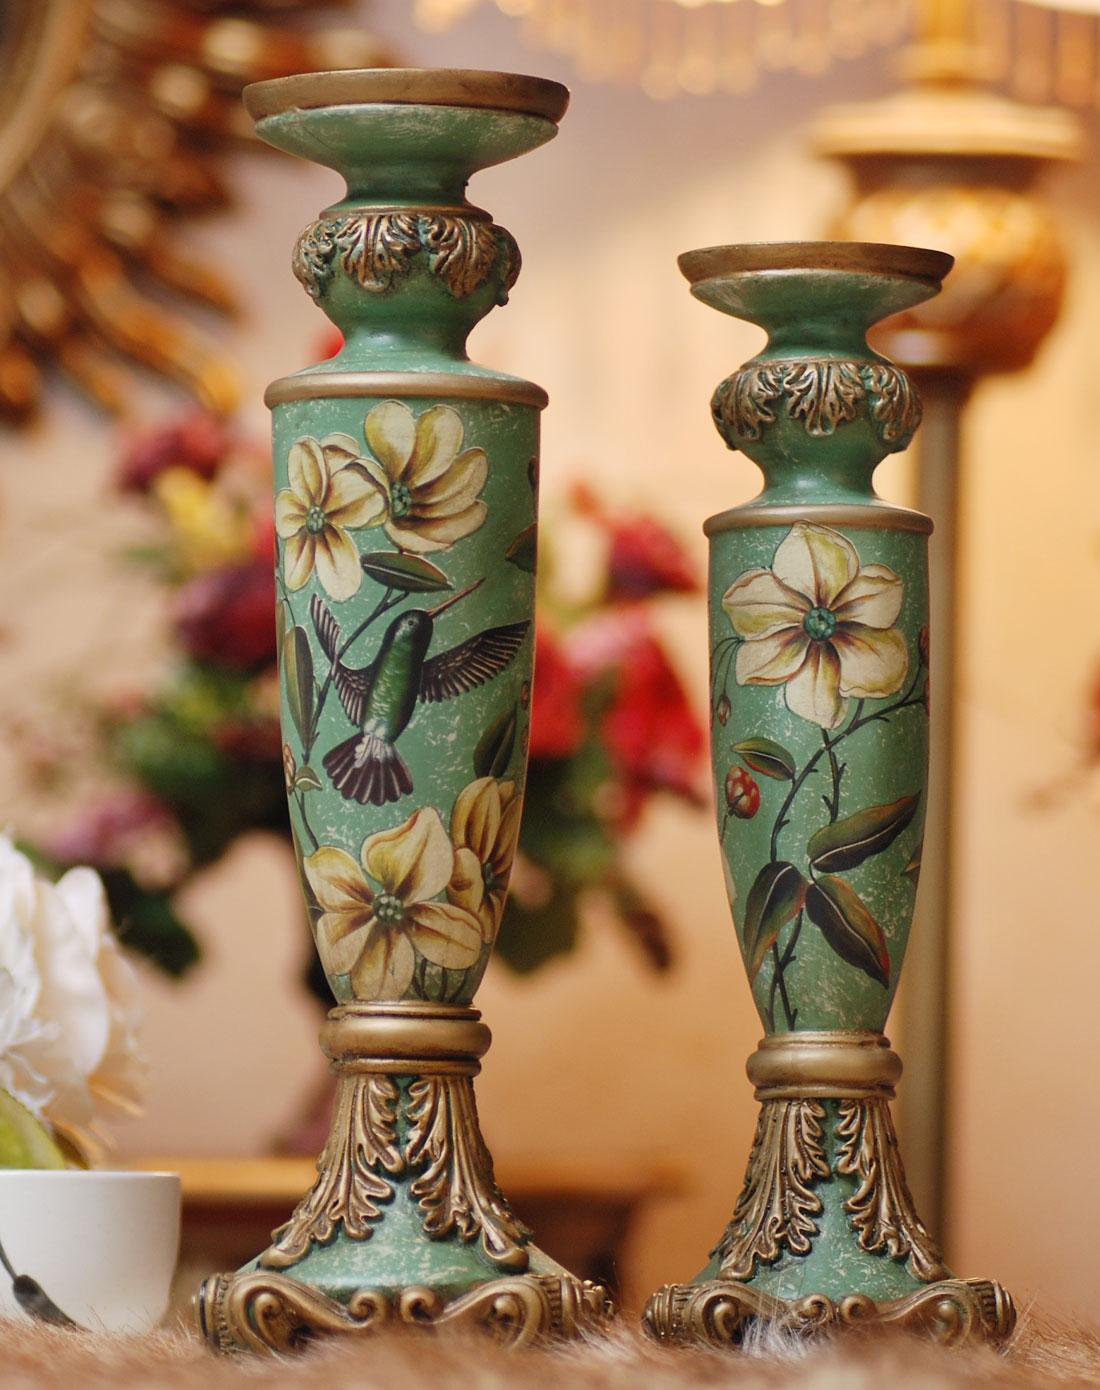 美式乡村翠鸟图装饰烛台摆件图片